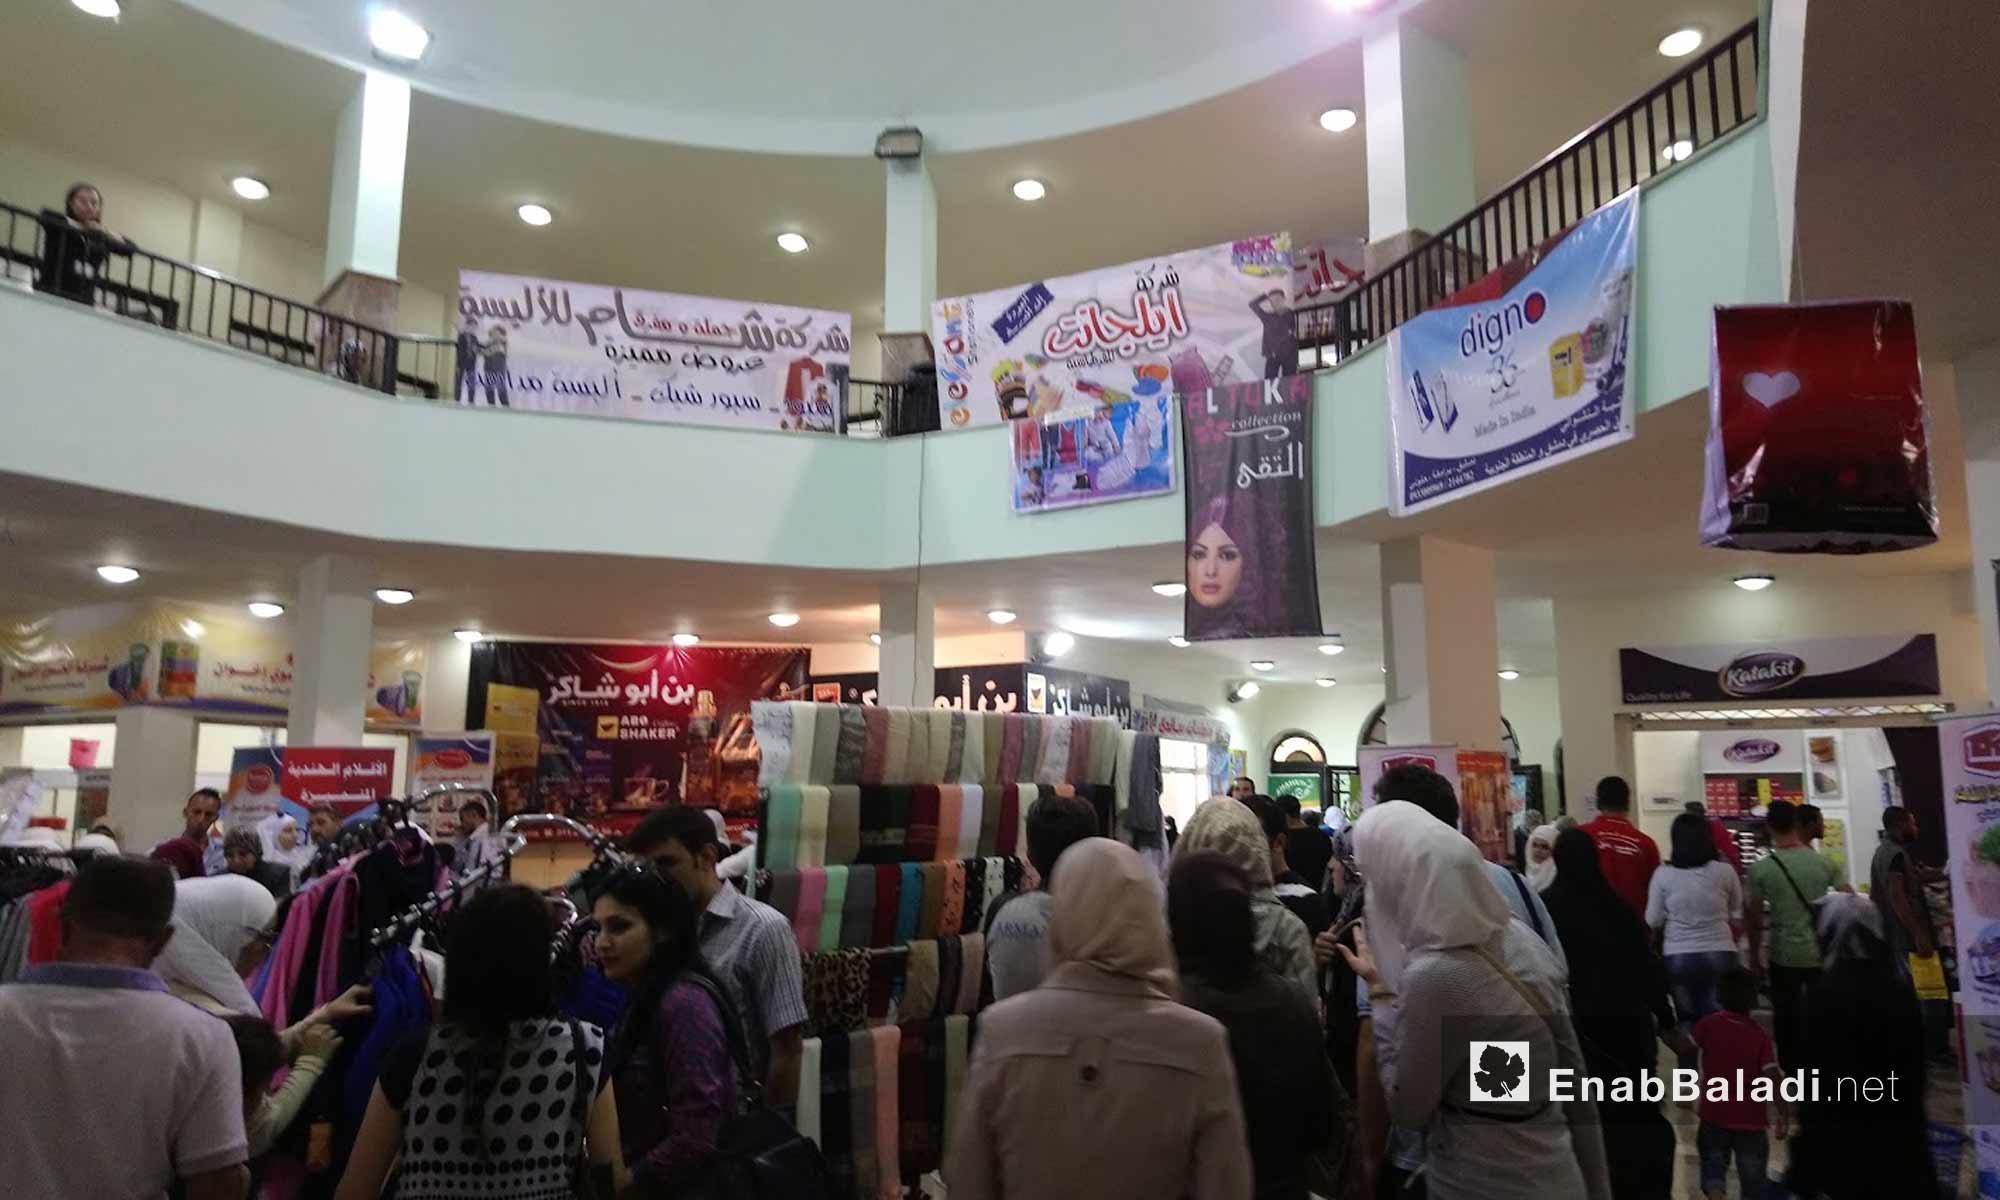 فعاليات معرض دمشق الدولي في العاصمة دمشق - 26 آب 2017 (عنب بلدي)